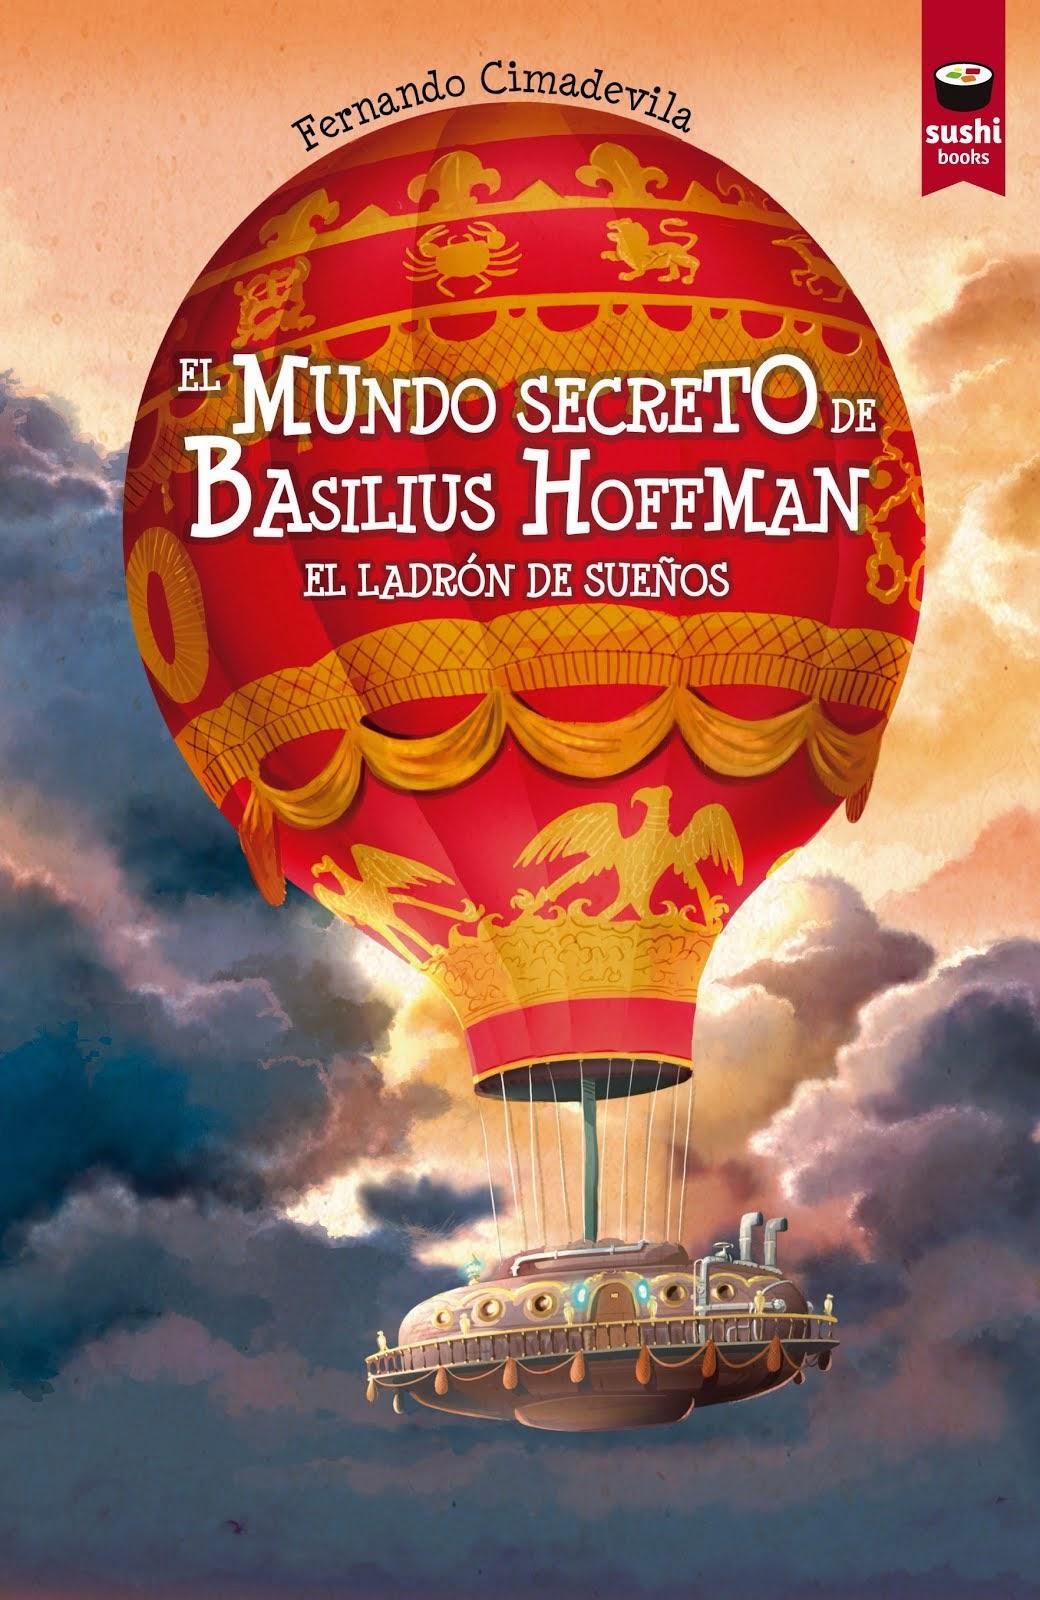 Basilius Hoffman